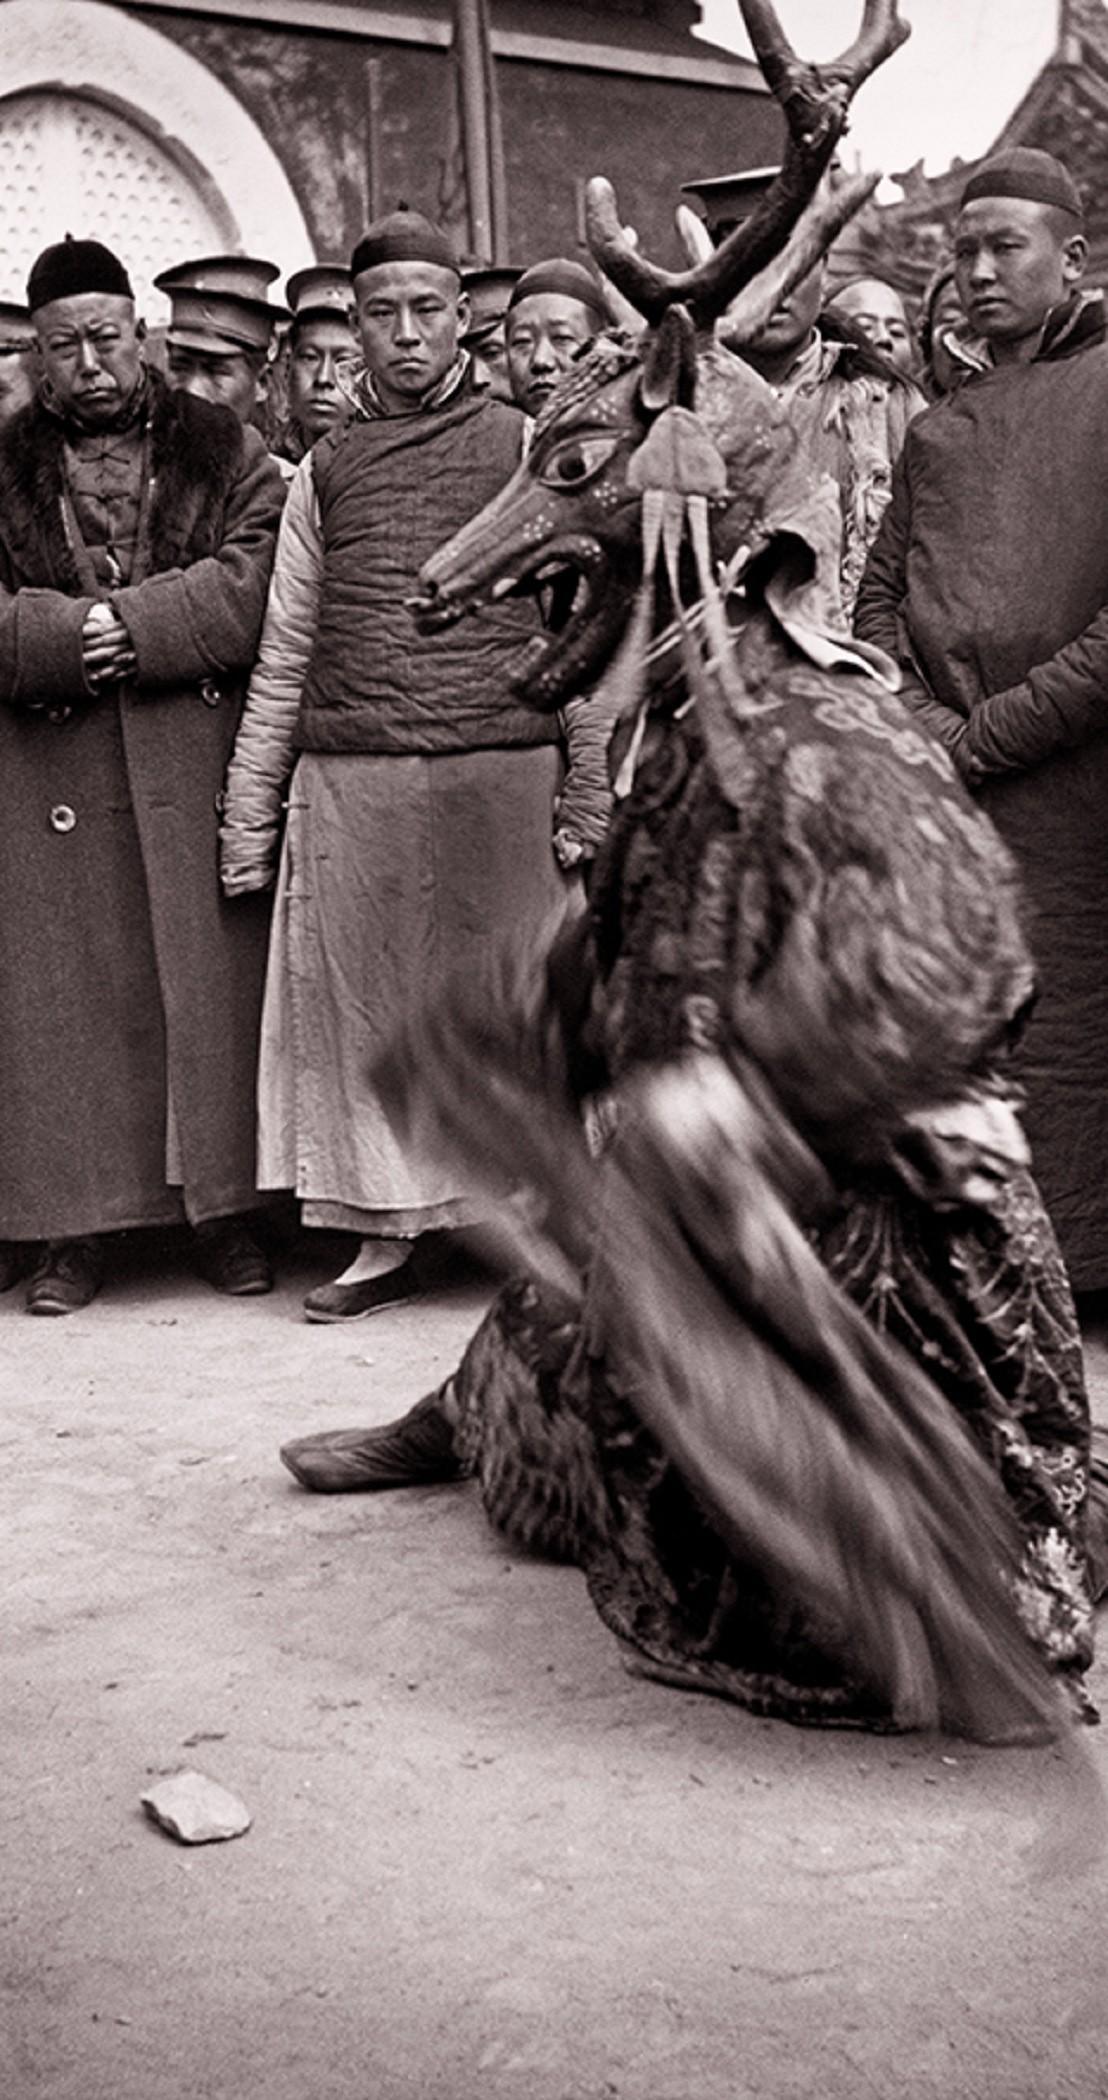 Cuộc sống nghèo khó ở Bắc Kinh hơn 100 năm trước Ảnh 7